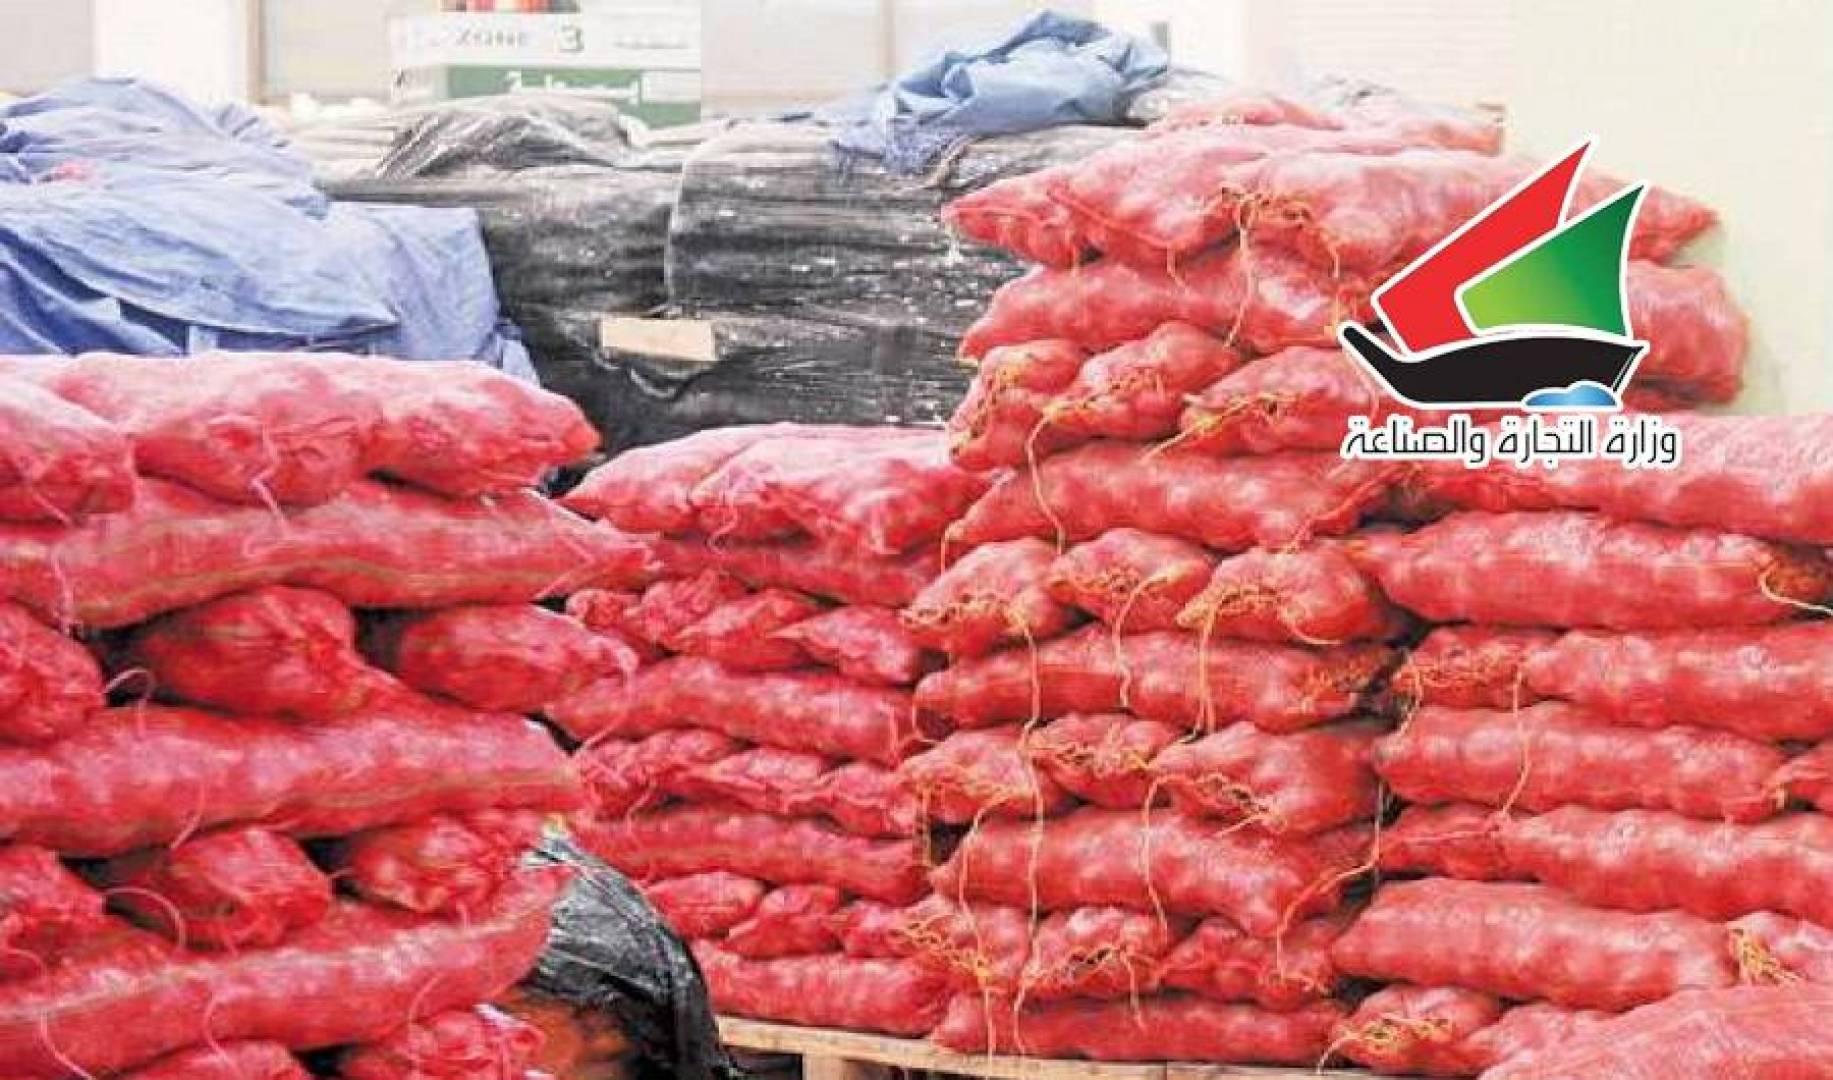 «التجارة»: مخزون البصل متوافر.. ولا زيادات في الأسعار